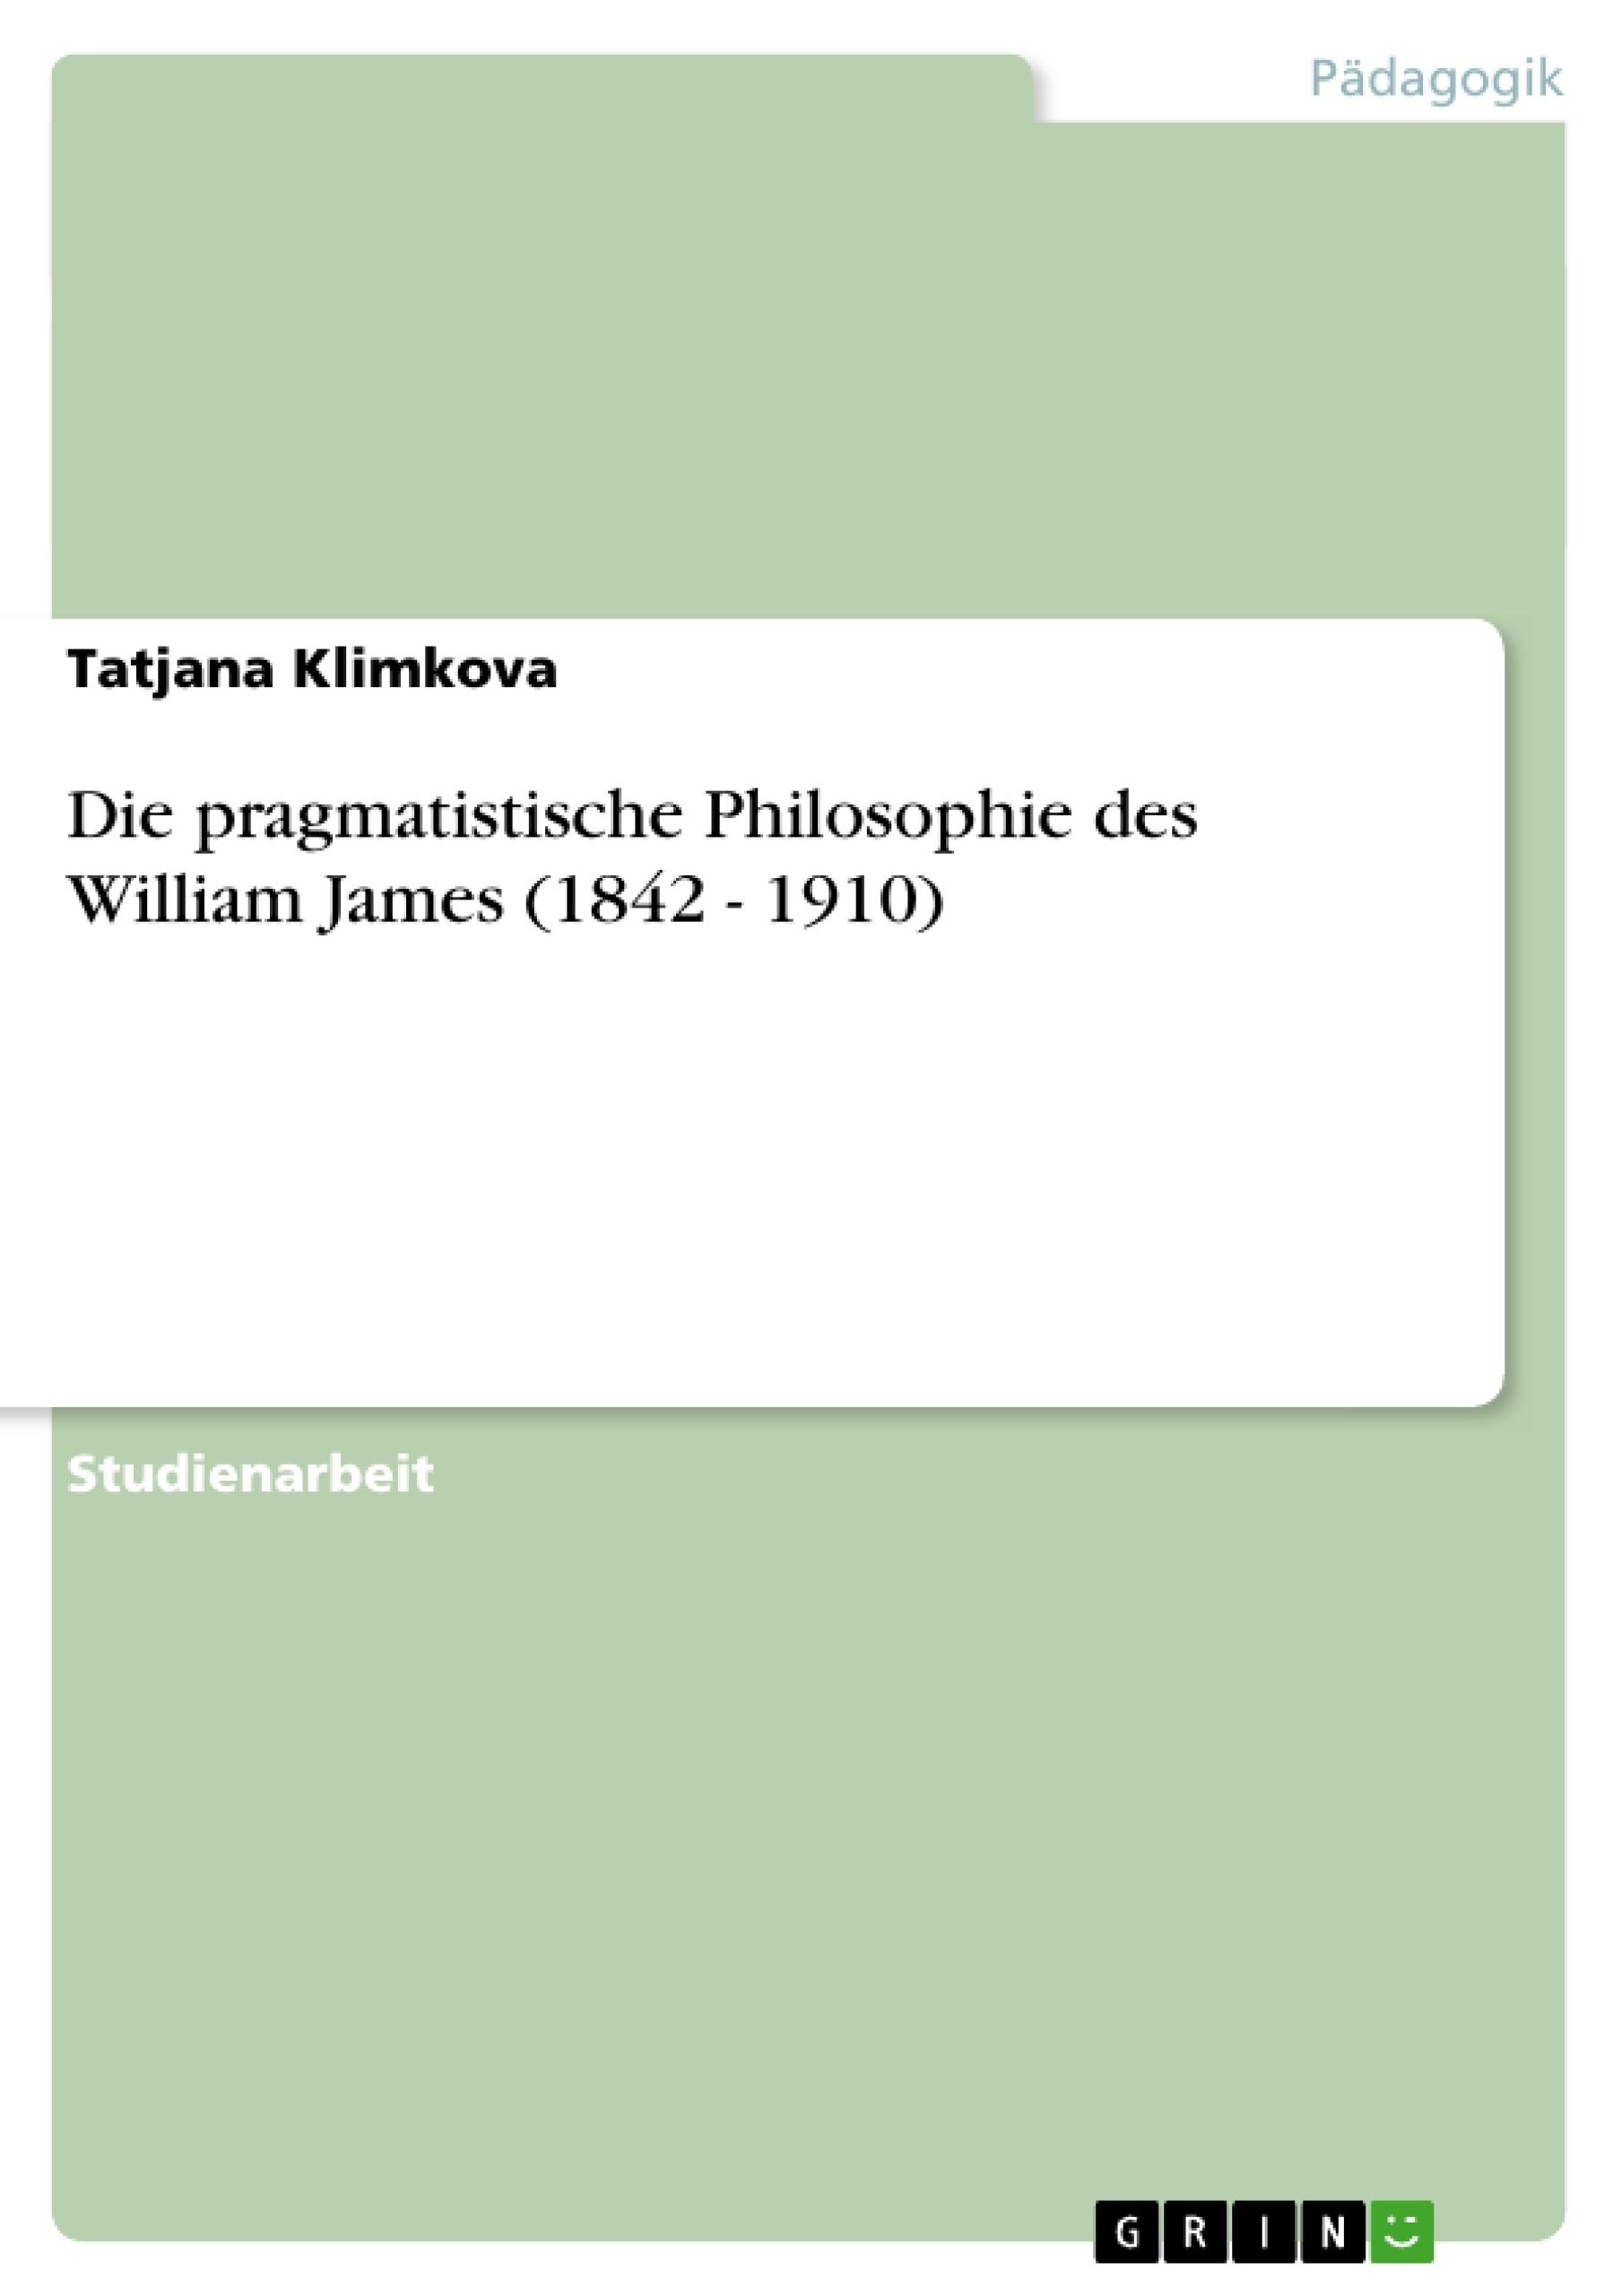 Titel: Die pragmatistische Philosophie des William James (1842 - 1910)